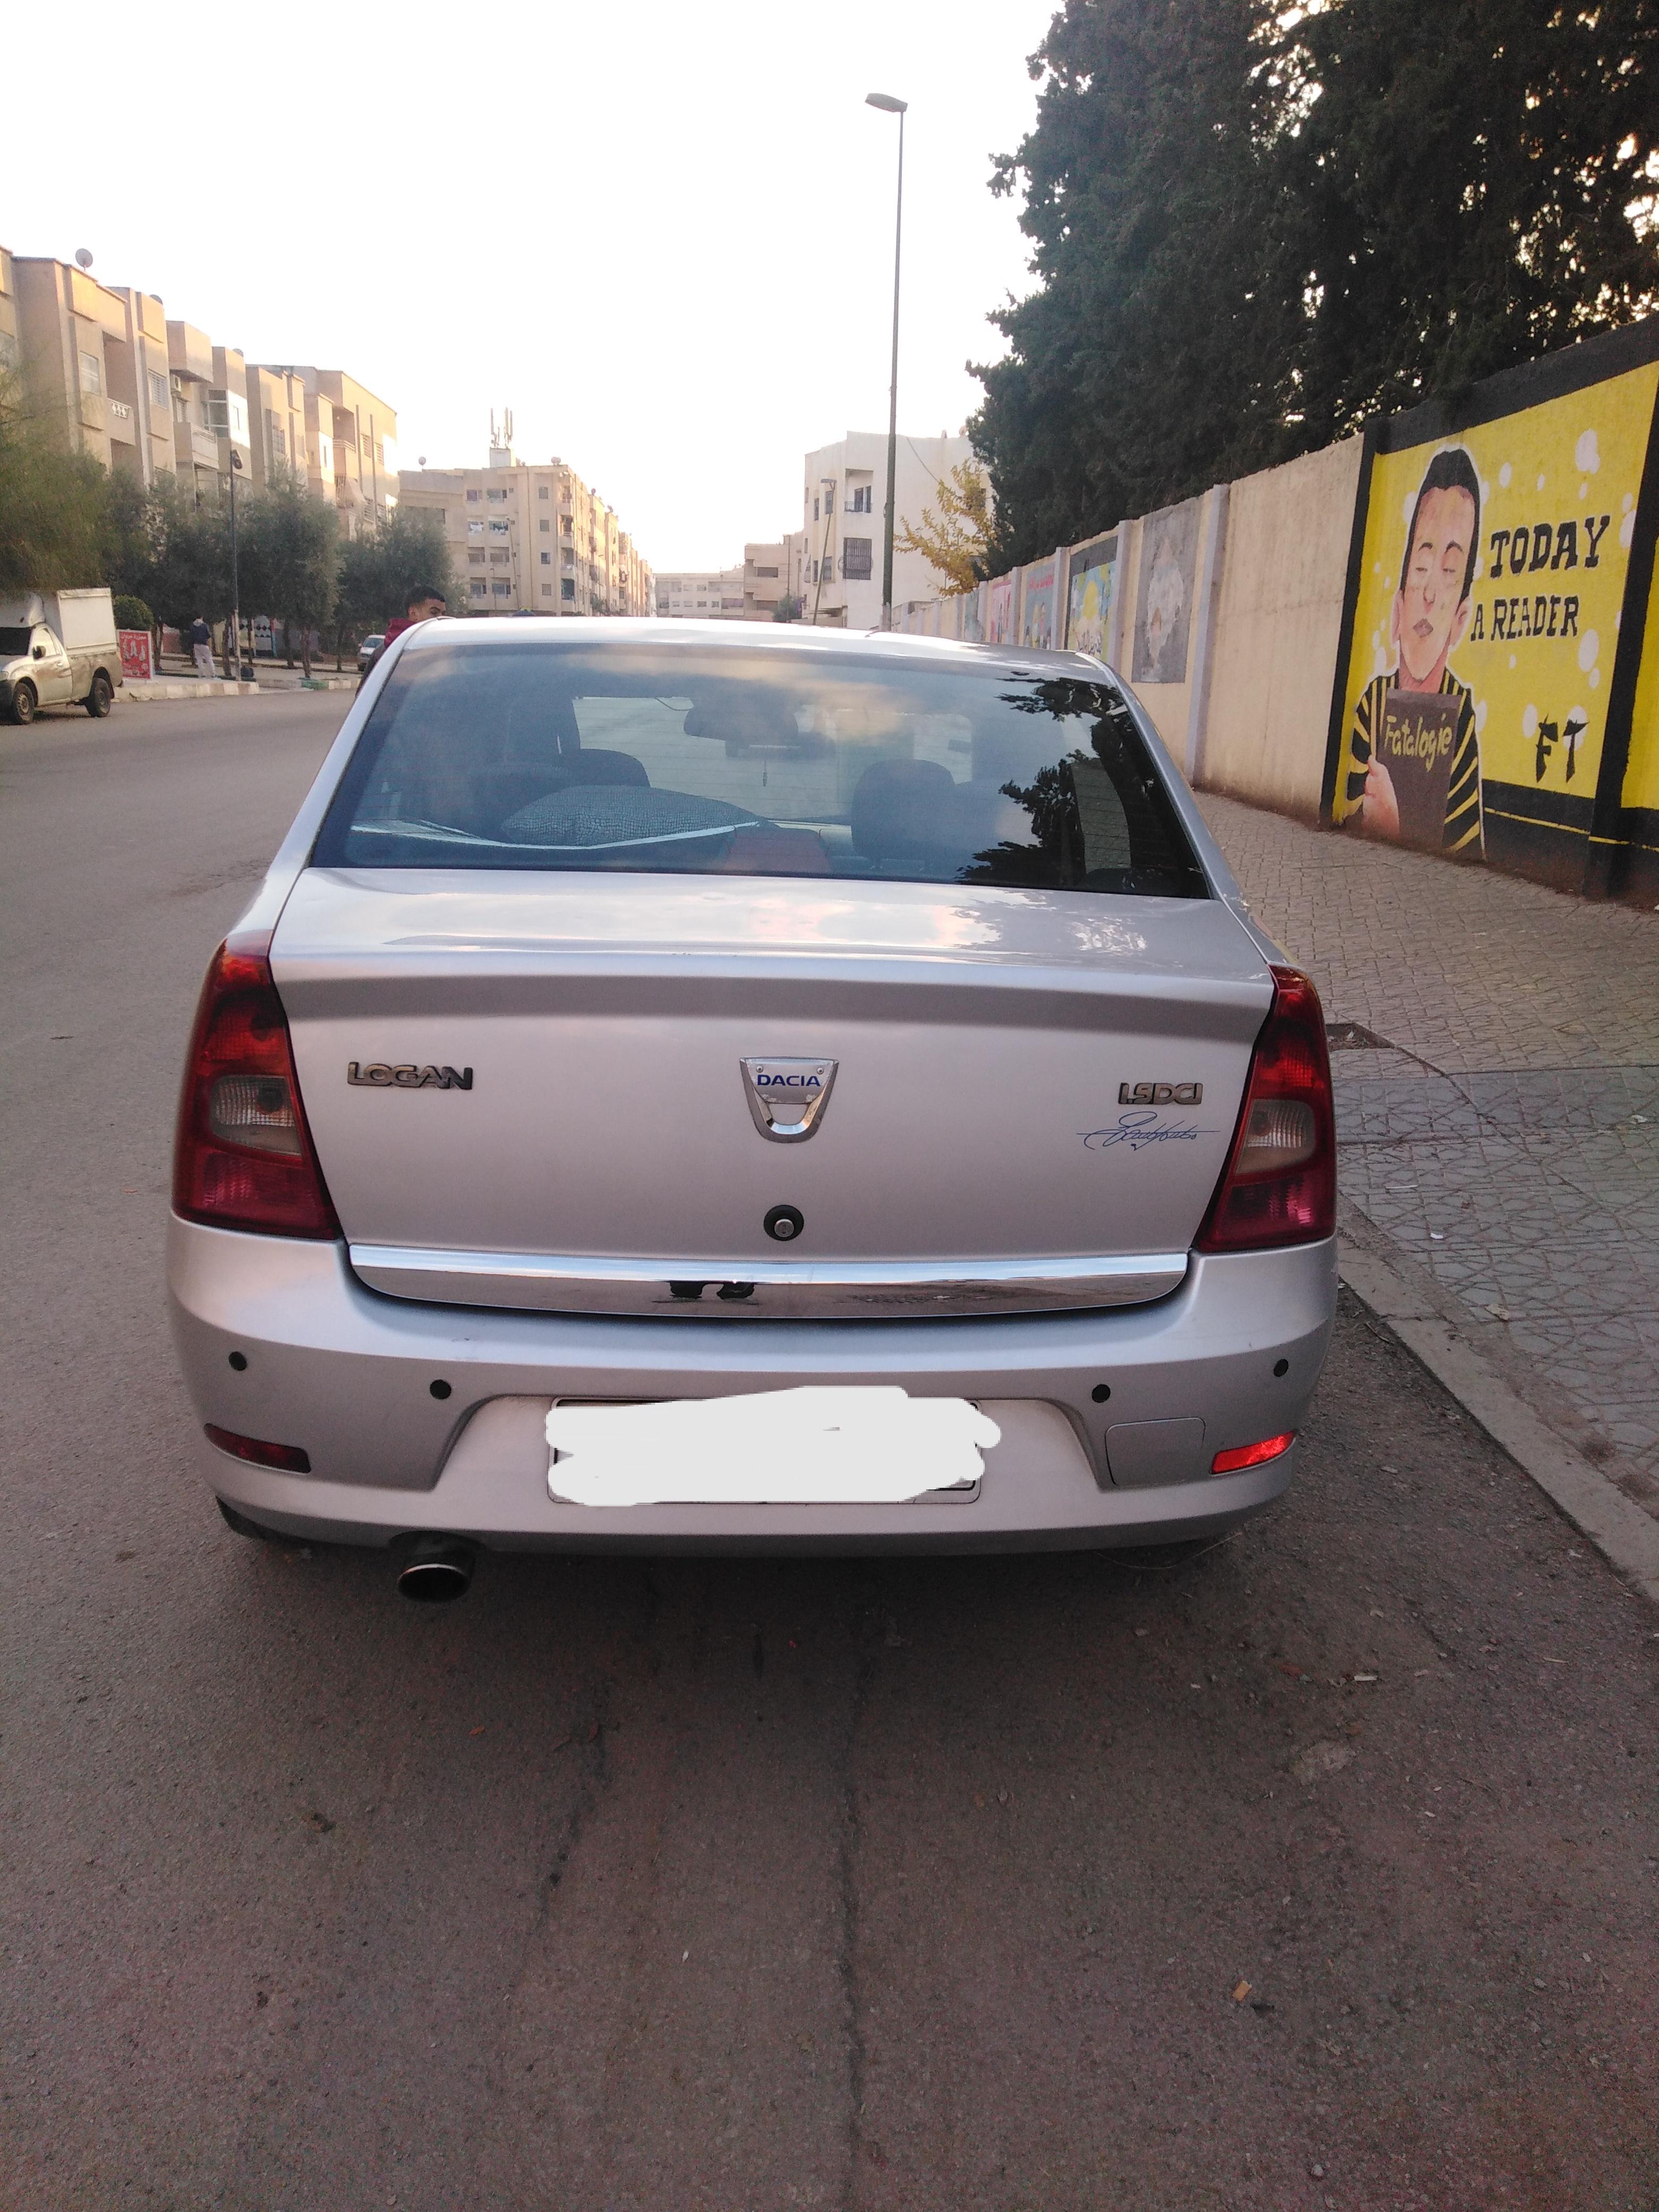 Dacia mliha